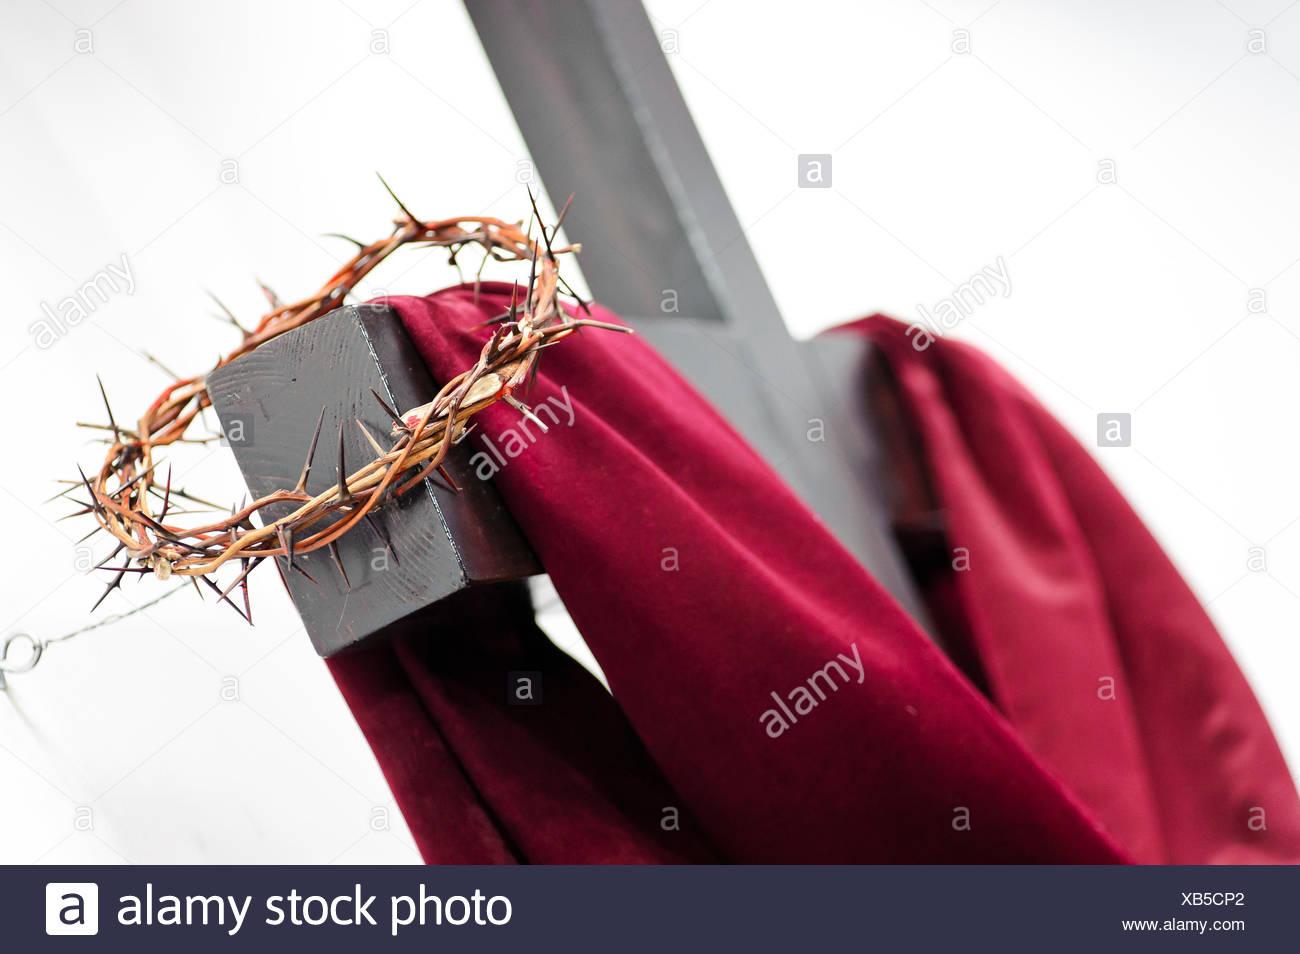 La Credenza Religiosa : La religione religiosi credenza morte closeup legno croce